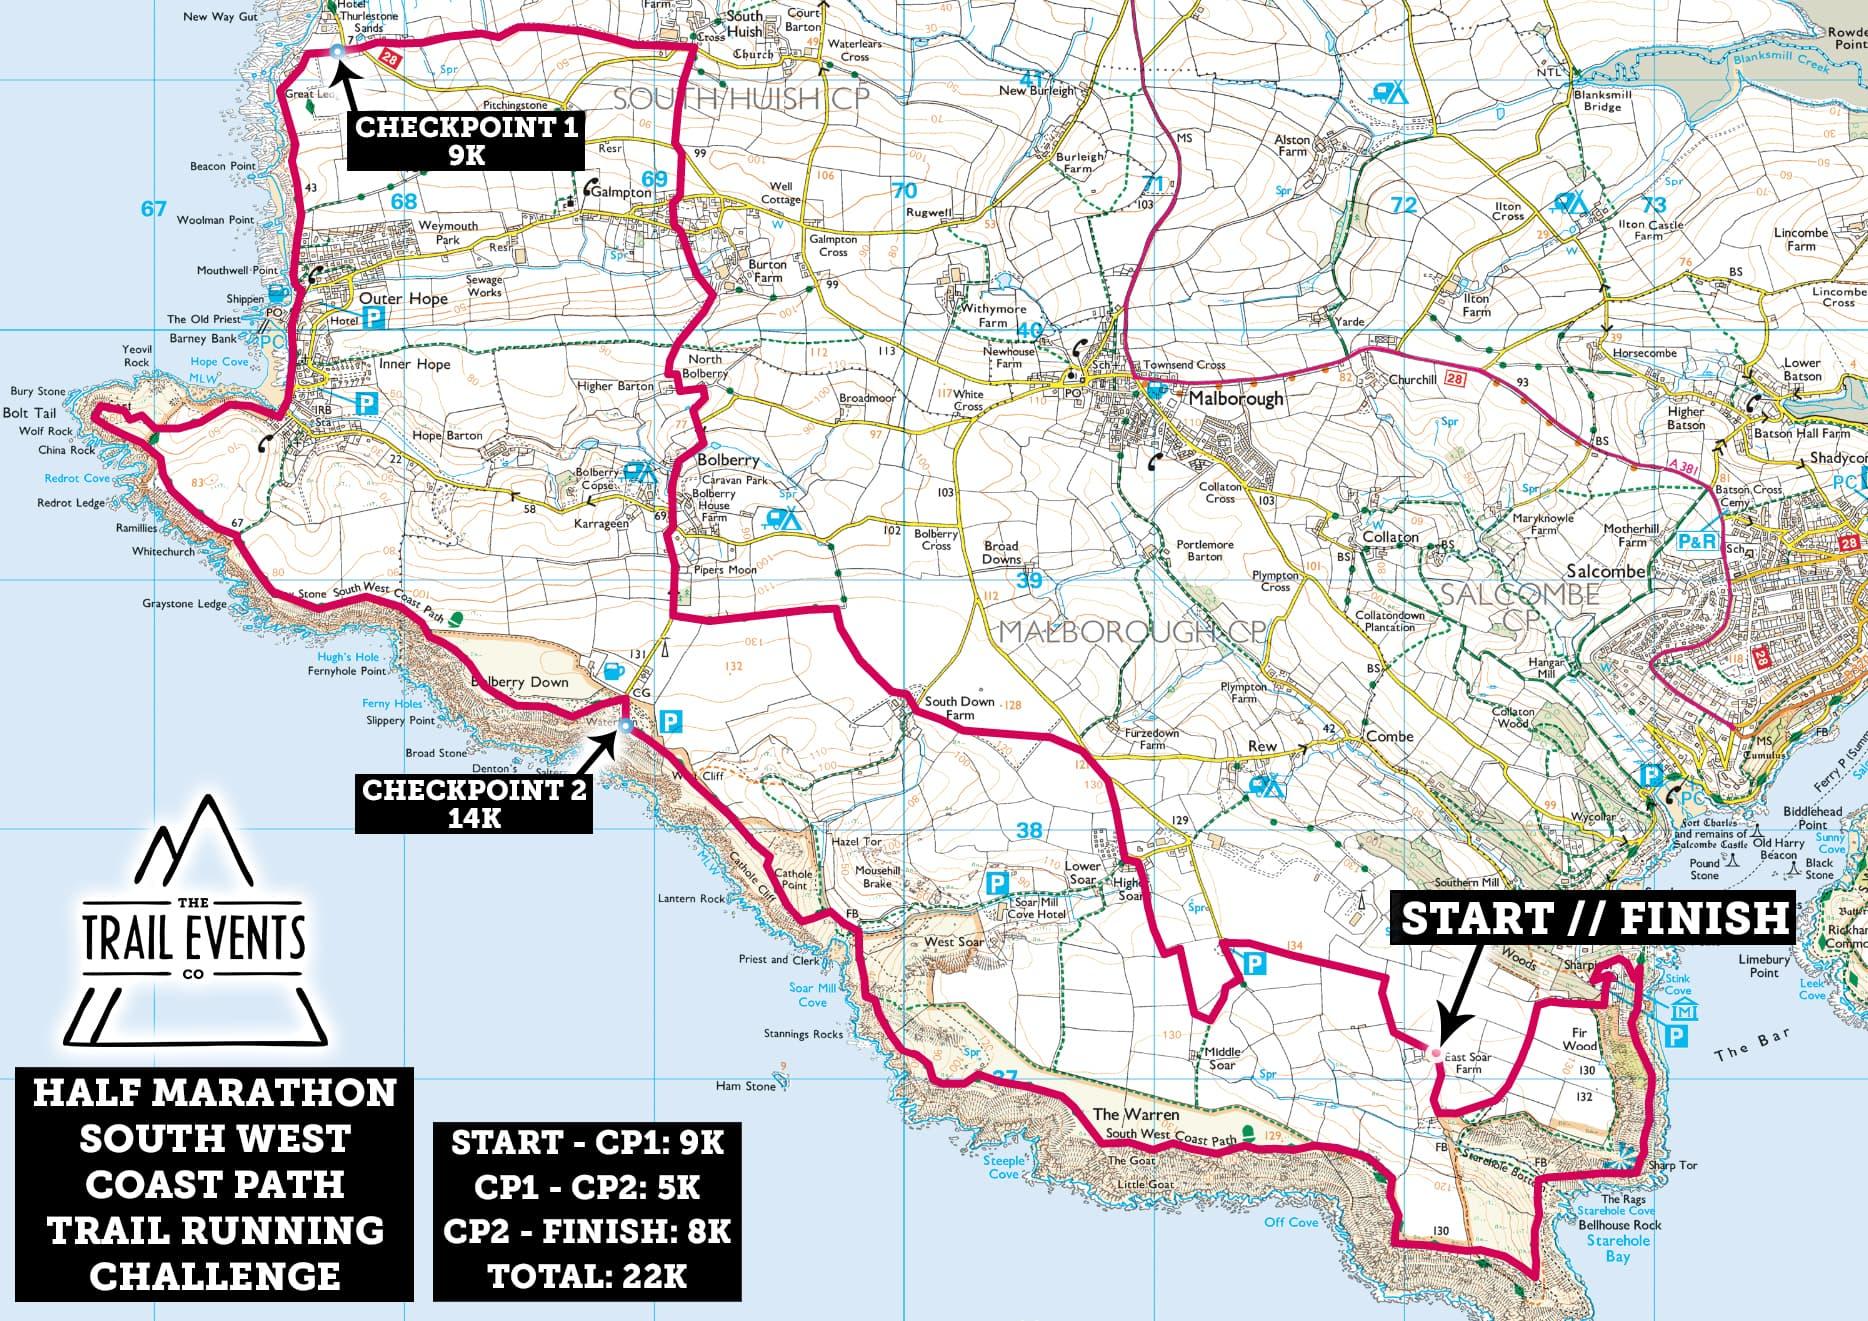 SWCP Half Marathon Route